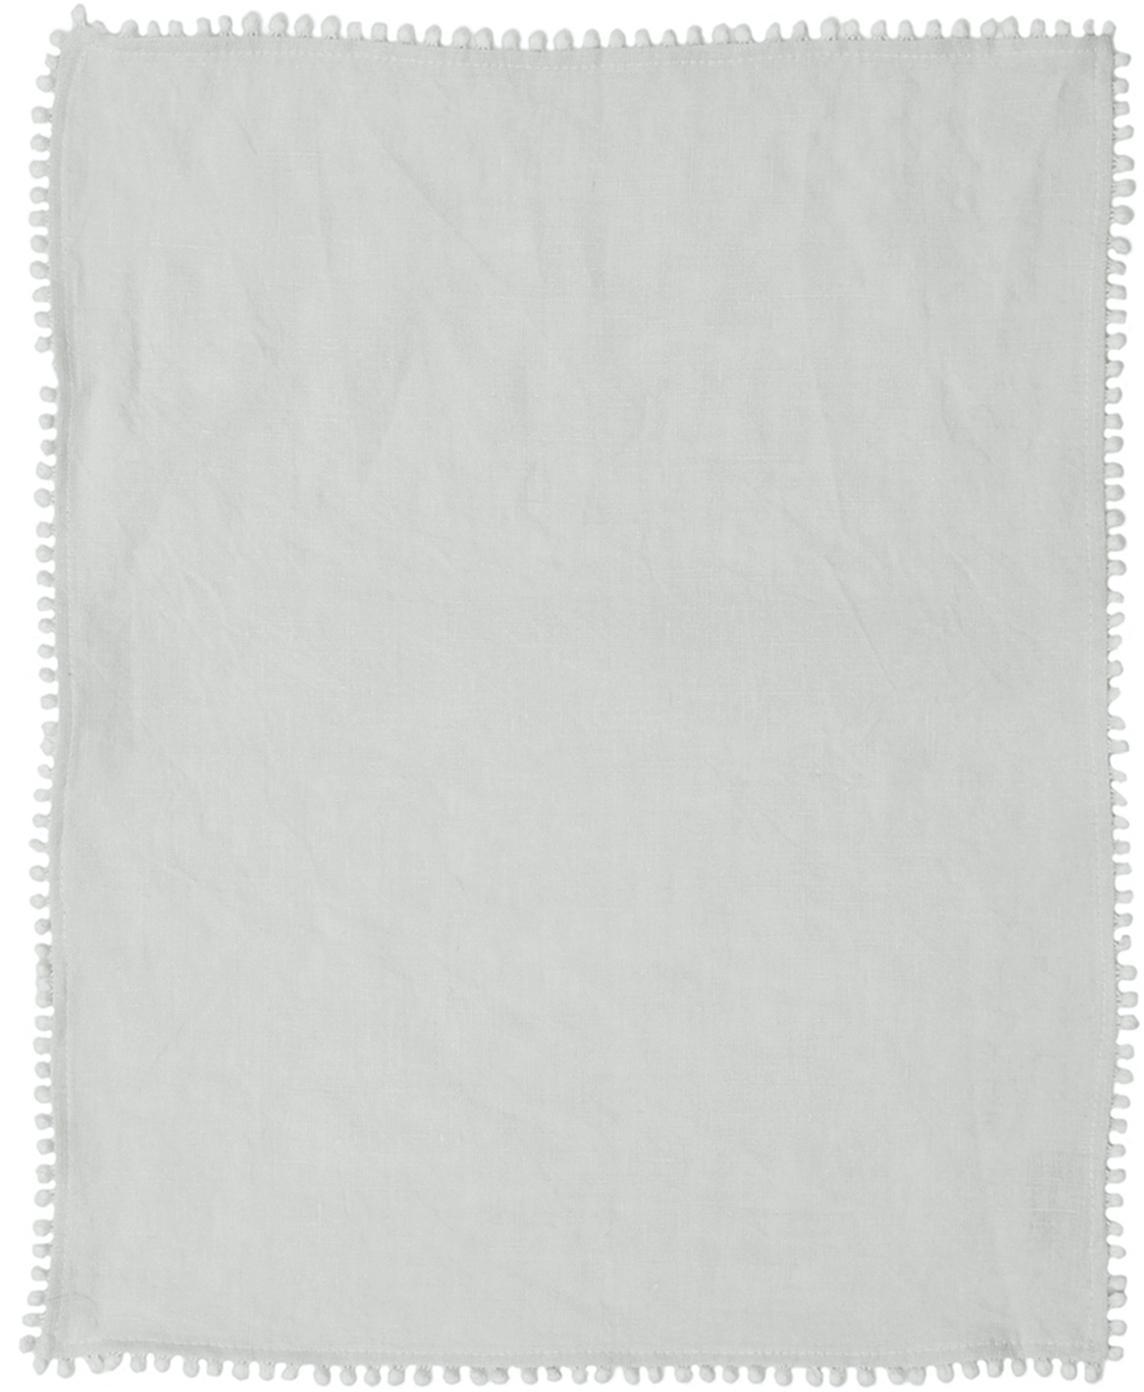 Leinen-Tischsets Pom Pom, 2 Stück, Leinen, Hellgrau, 35 x 45 cm